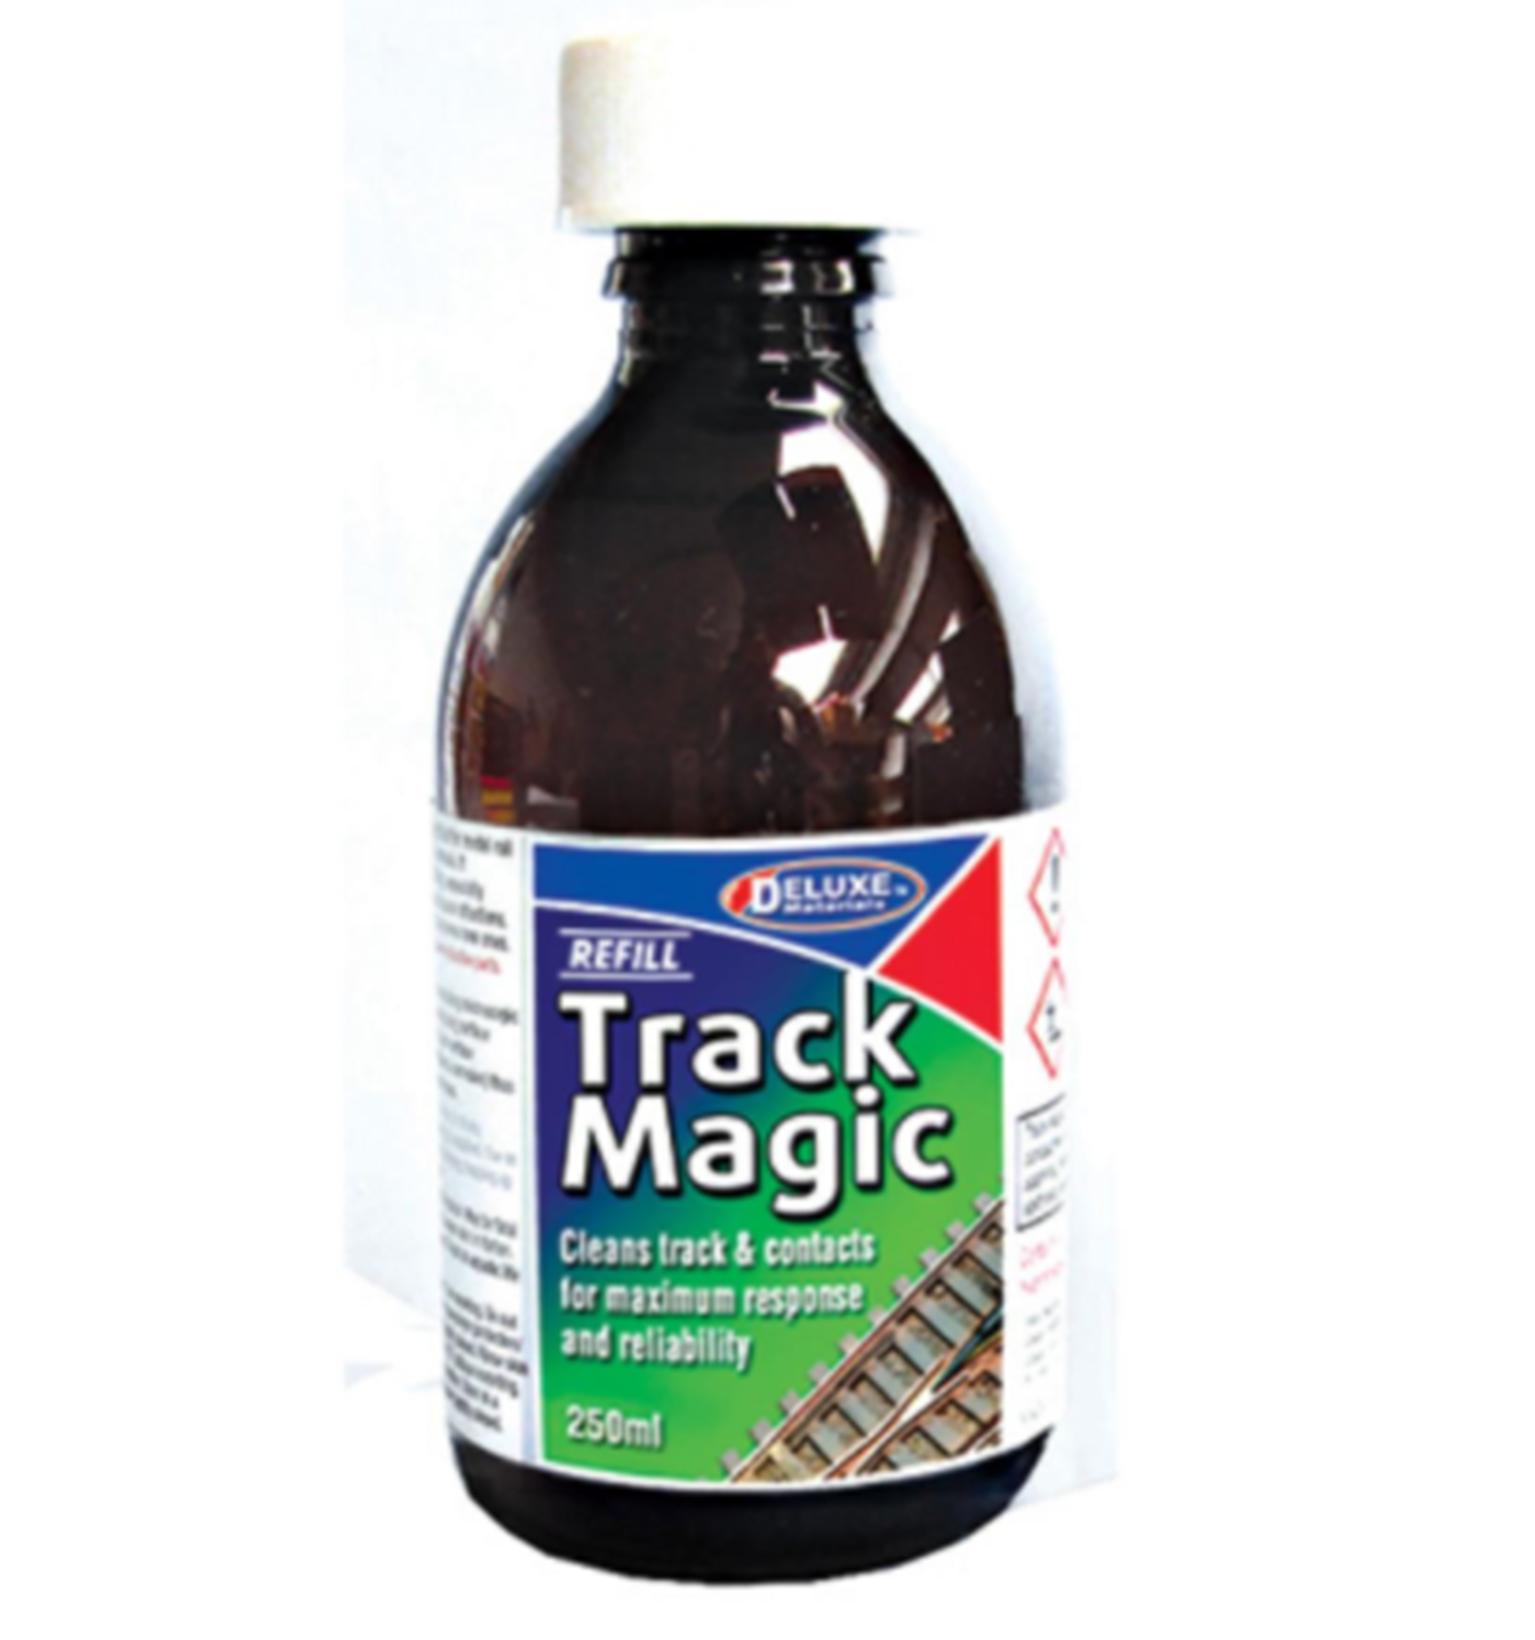 Track Magic Refill (250ml)